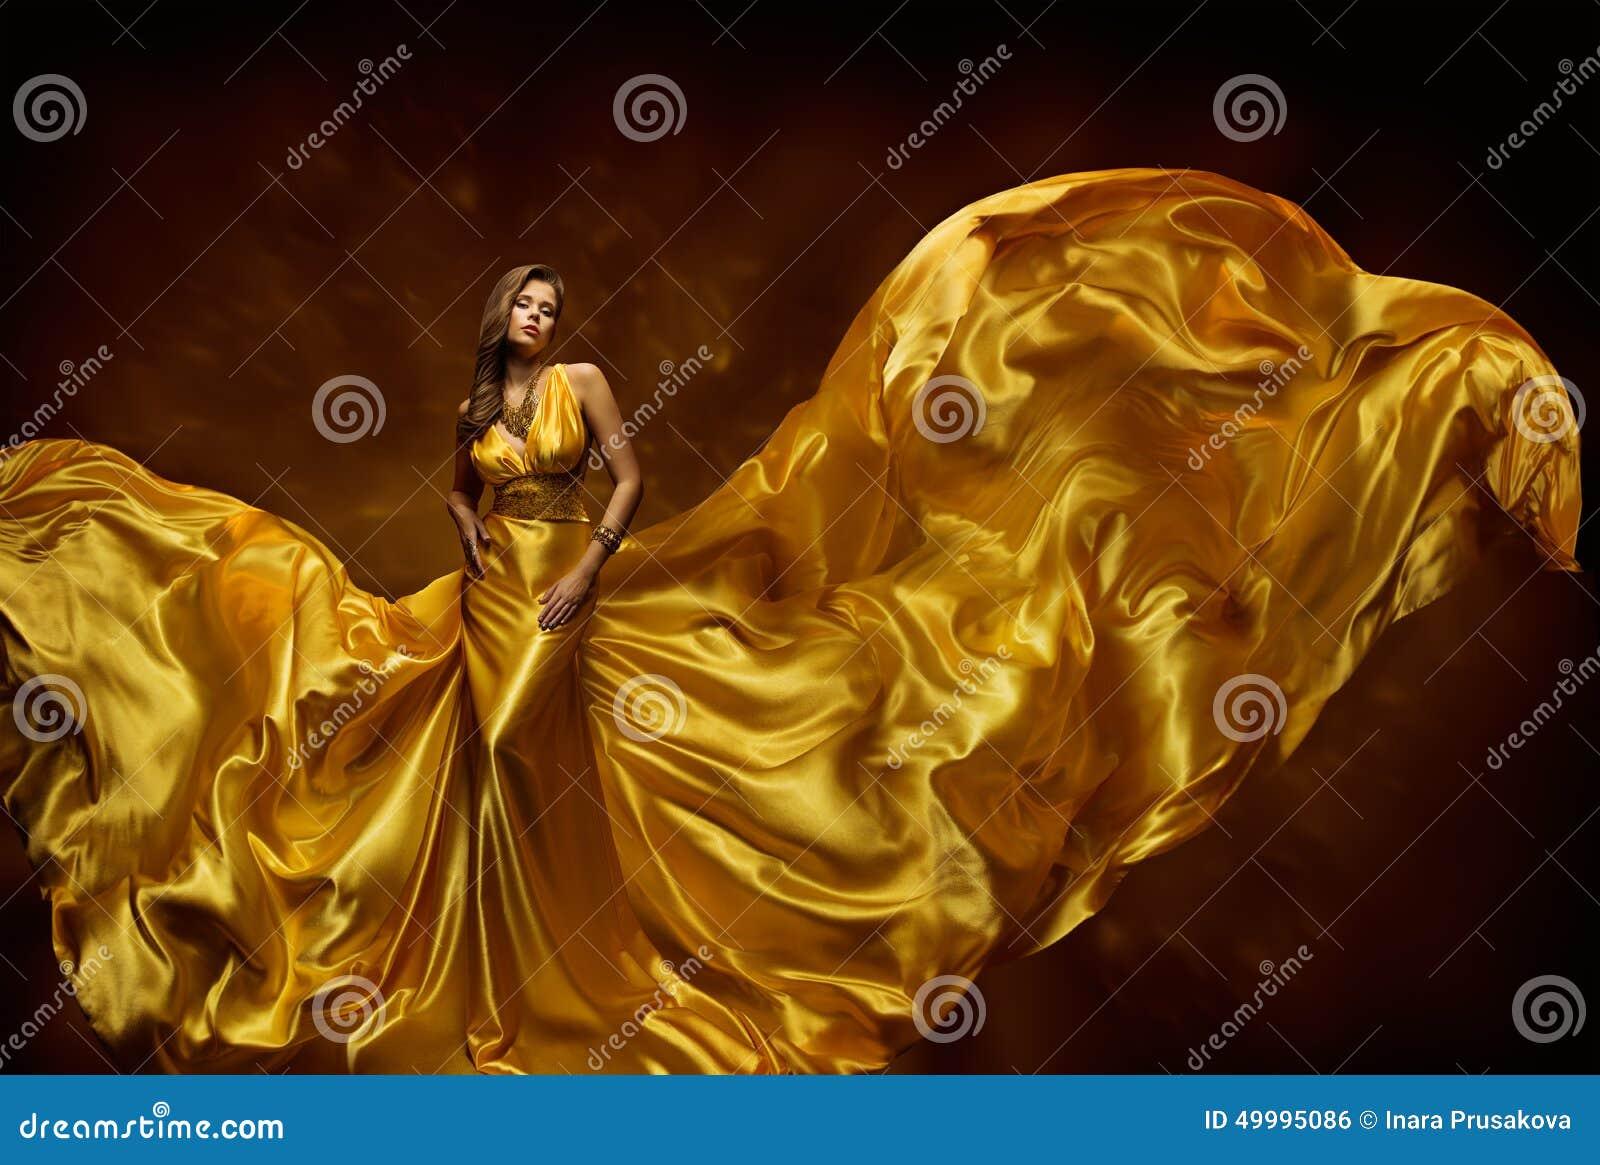 Mode-Modell Woman Dress, Schönheits-Kleid Damen-In Fluttering Silk, Gewebe, das auf Wind, schönes Mädchen mit langem Fliegen-Stof